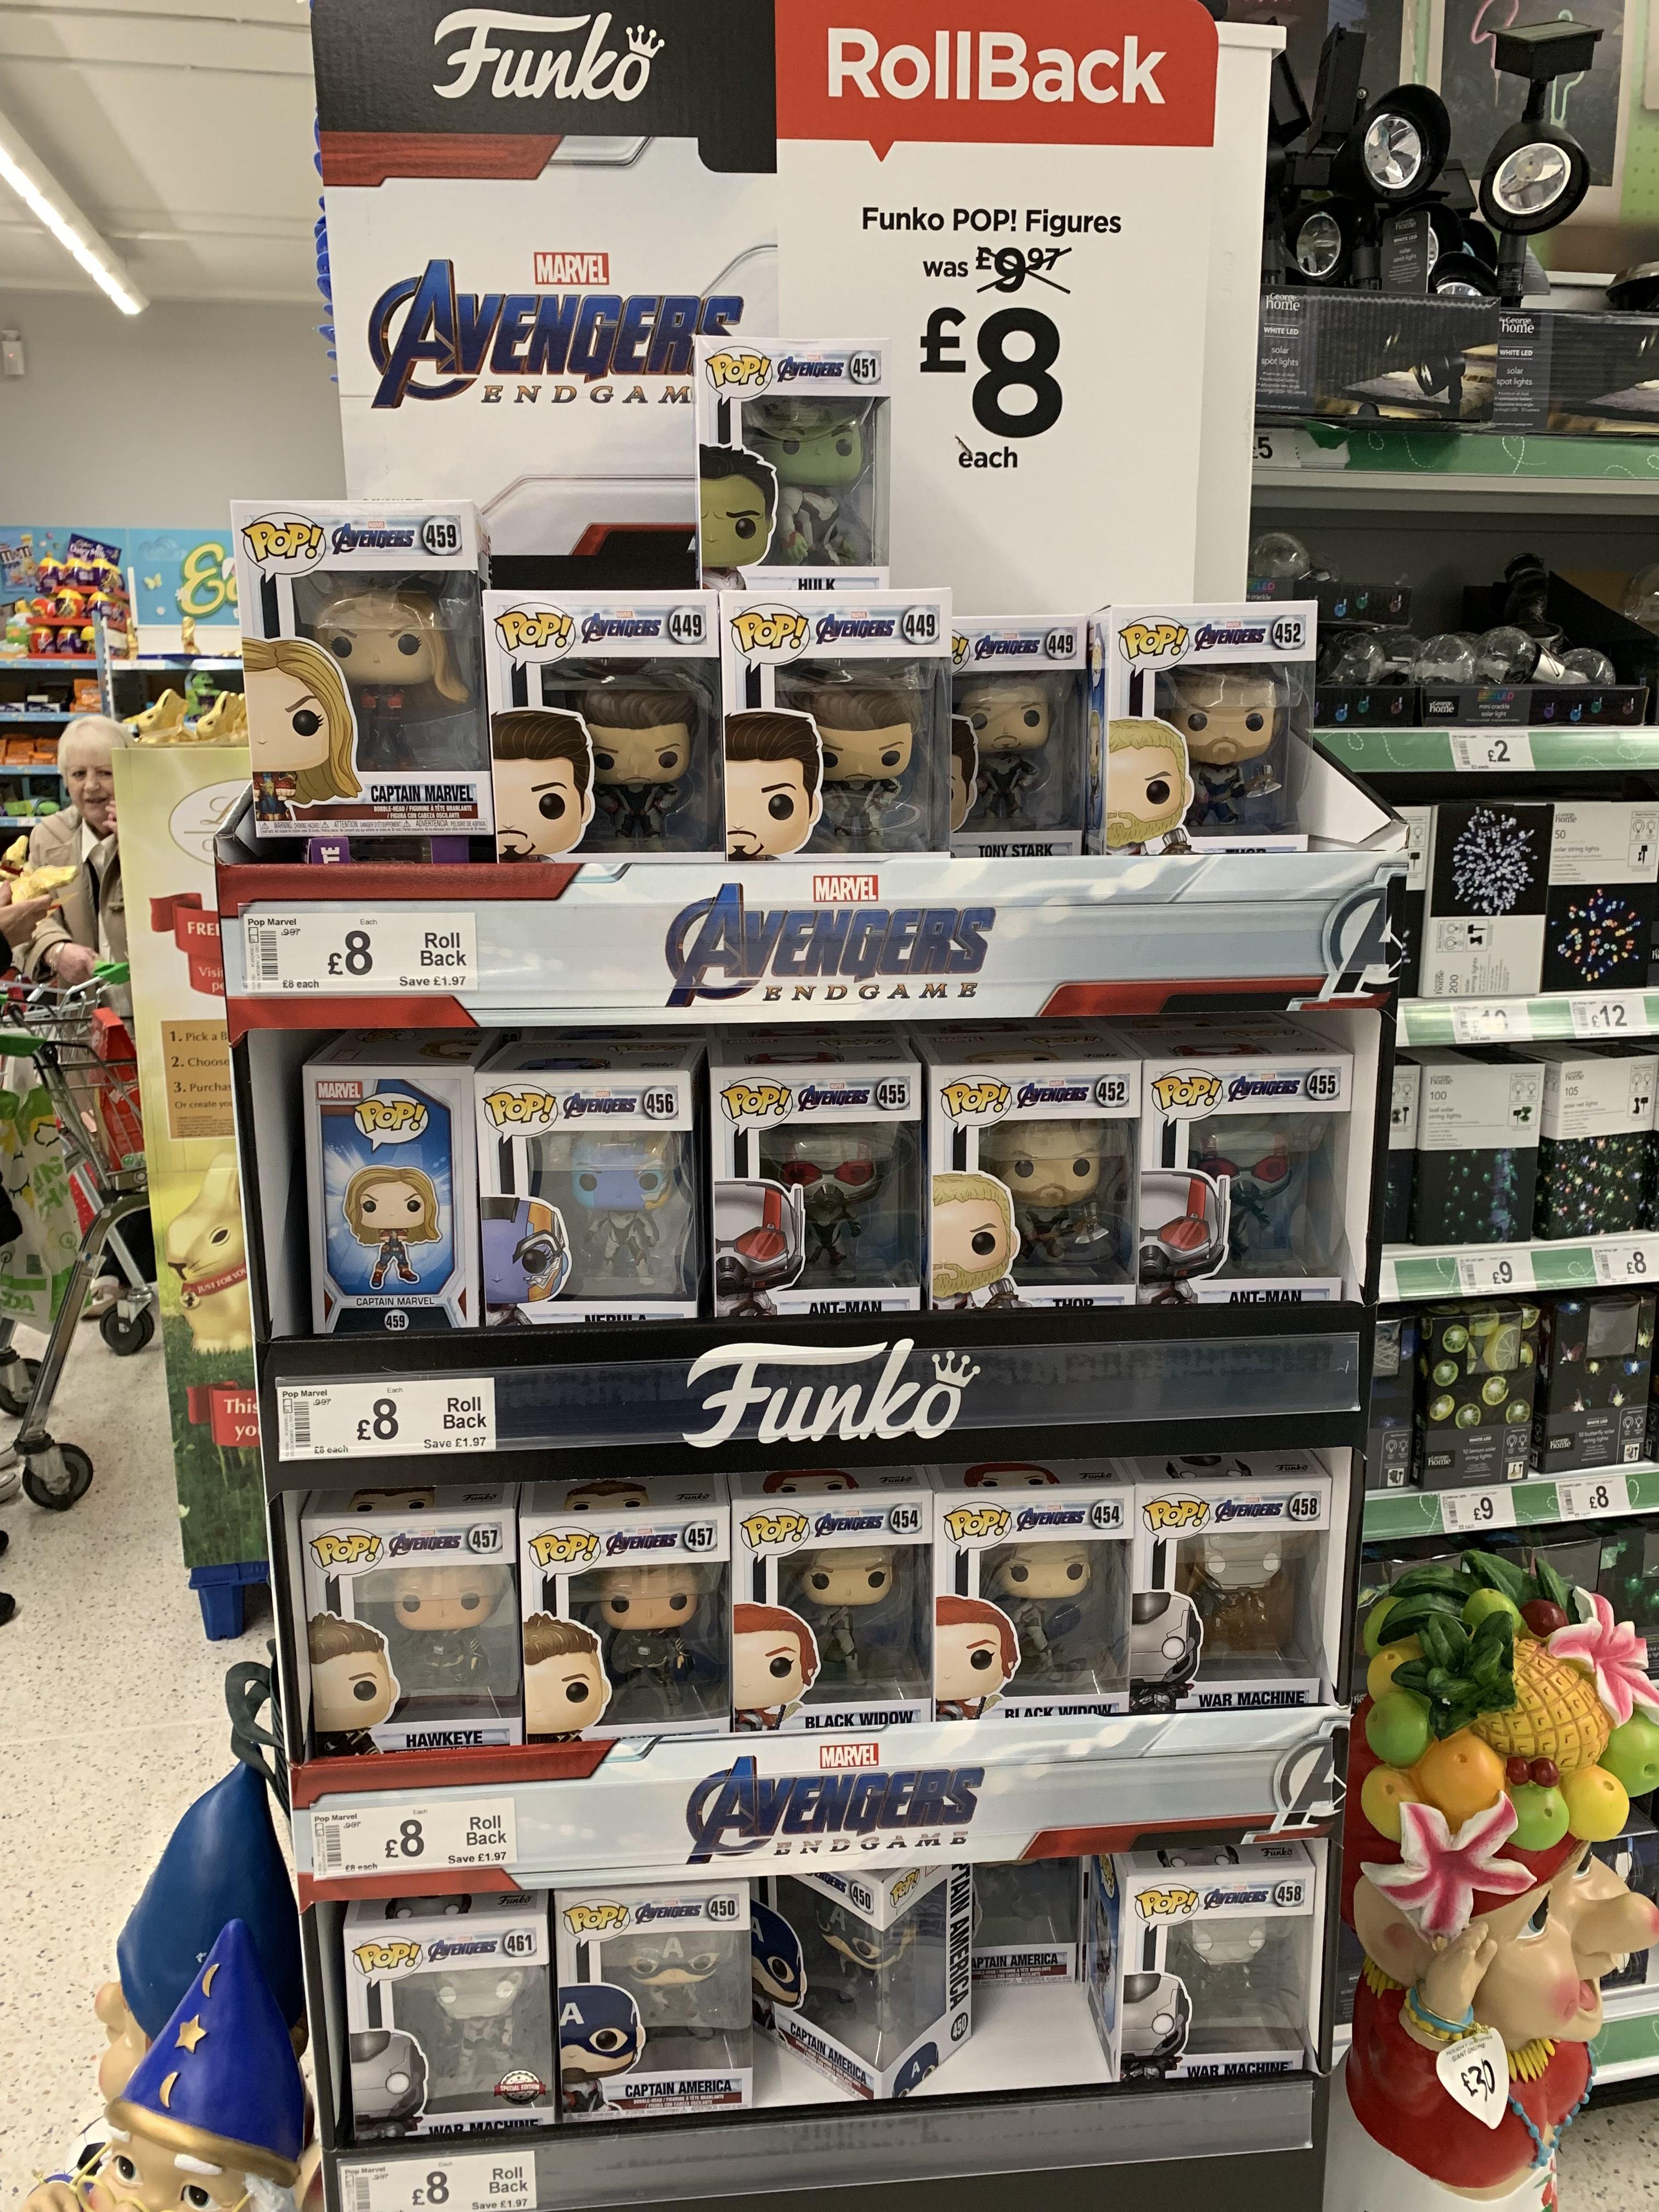 Marvel Avengers Endgame Funko Pops £8 at Asda